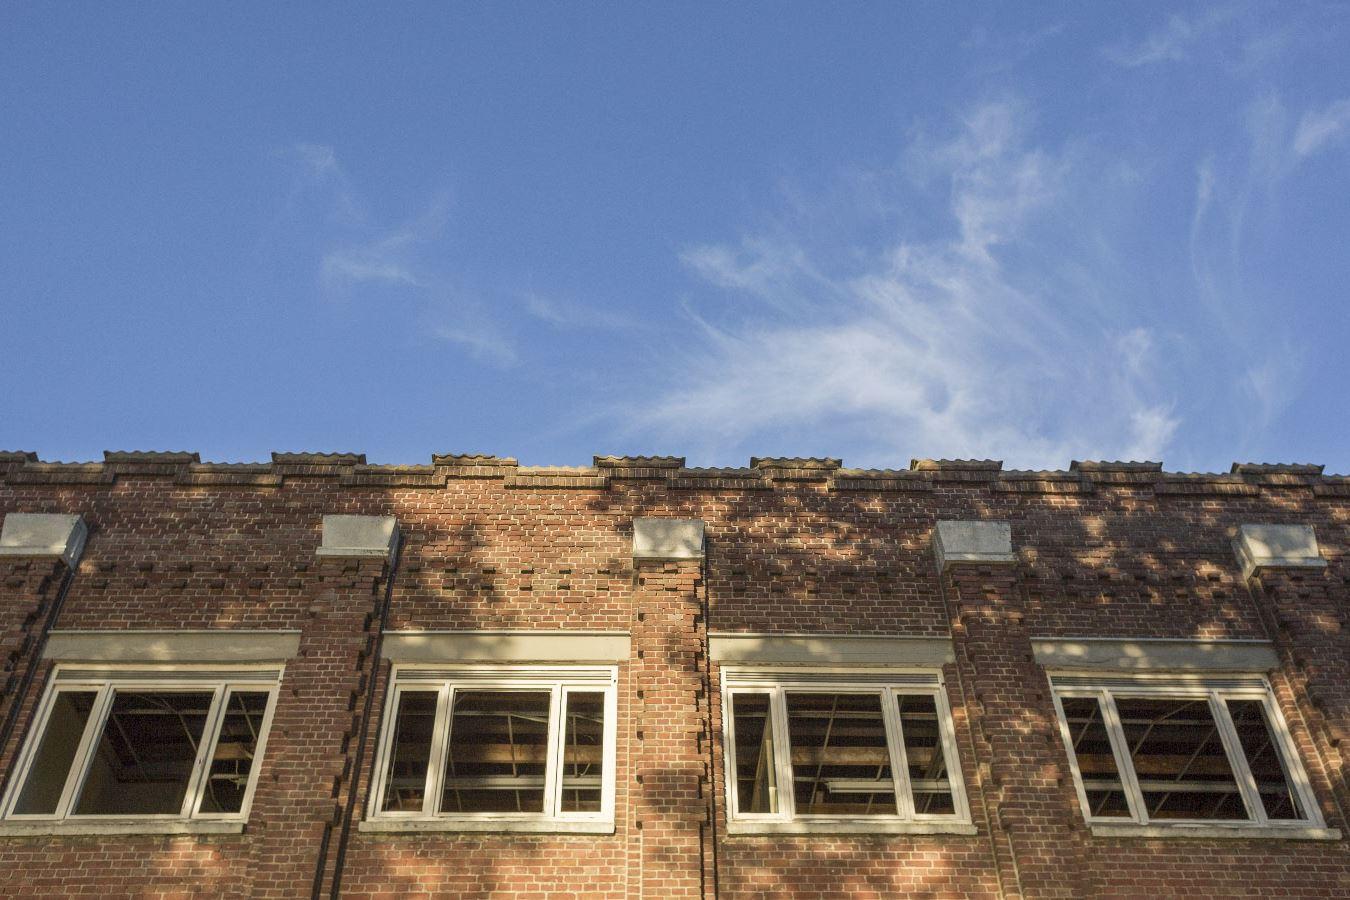 Bekijk foto 2 van E.13   Tussenappartement   E5   Oranjekade (Bouwnr. 13)